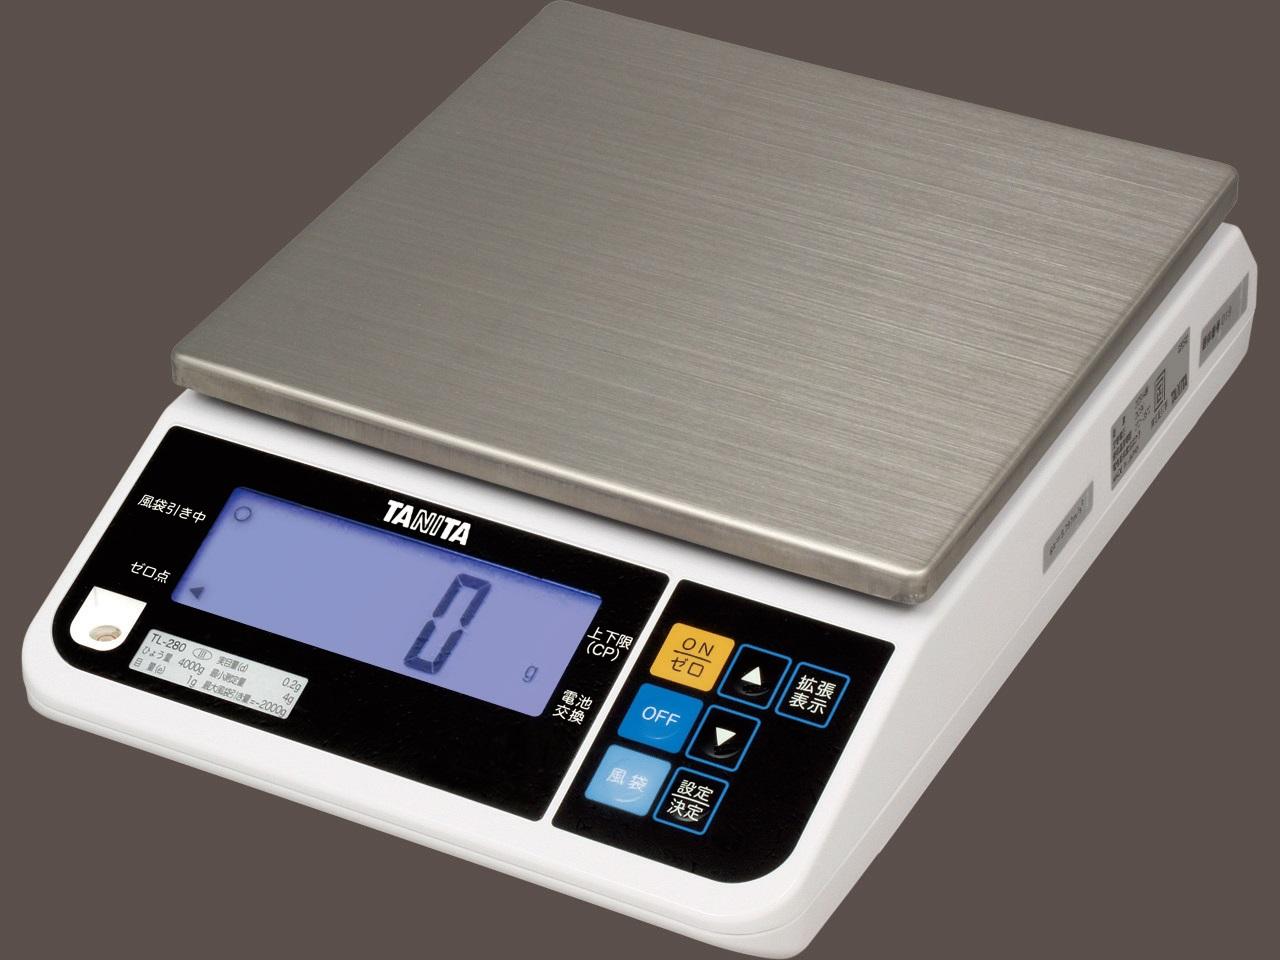 【�潟^ニタ】デジタルスケール TL-290  15000g  対面表示・取引証明用